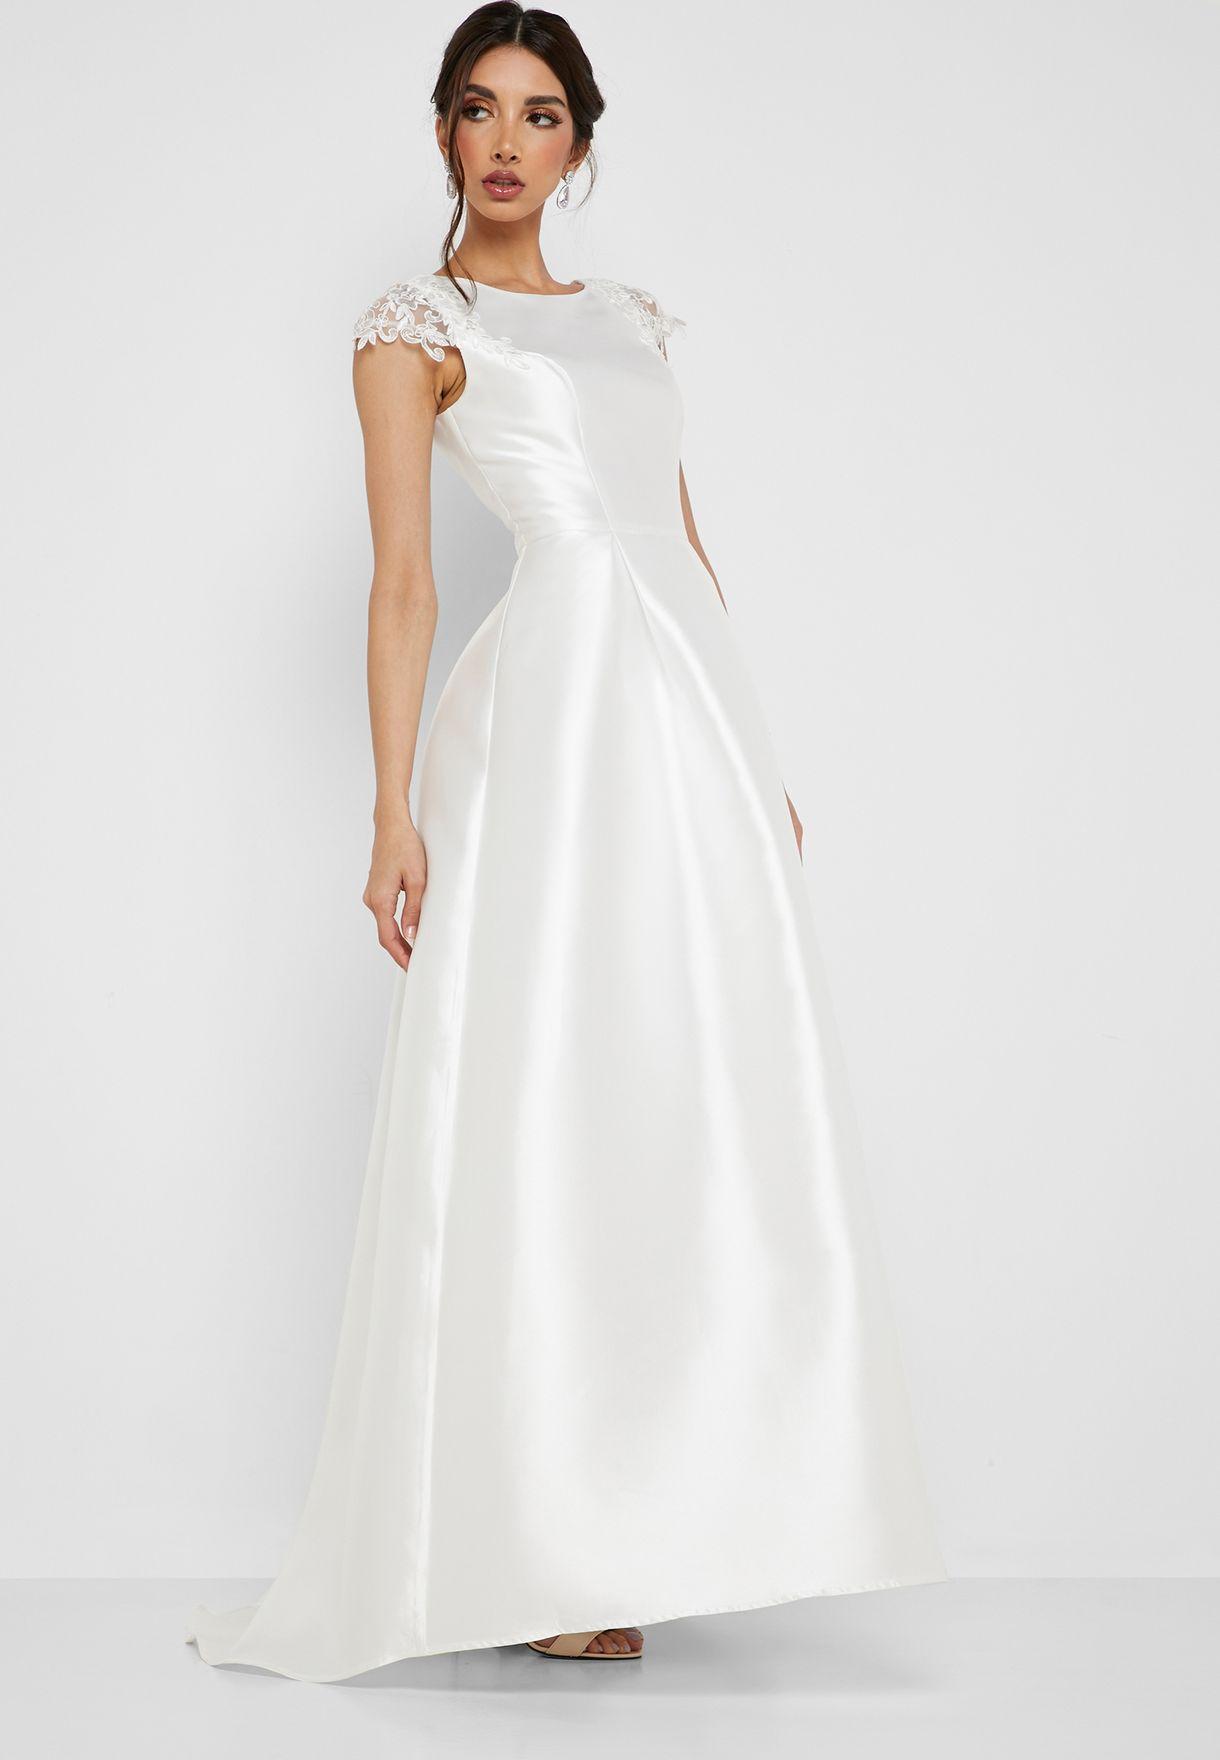 Embellished Bridal Dress